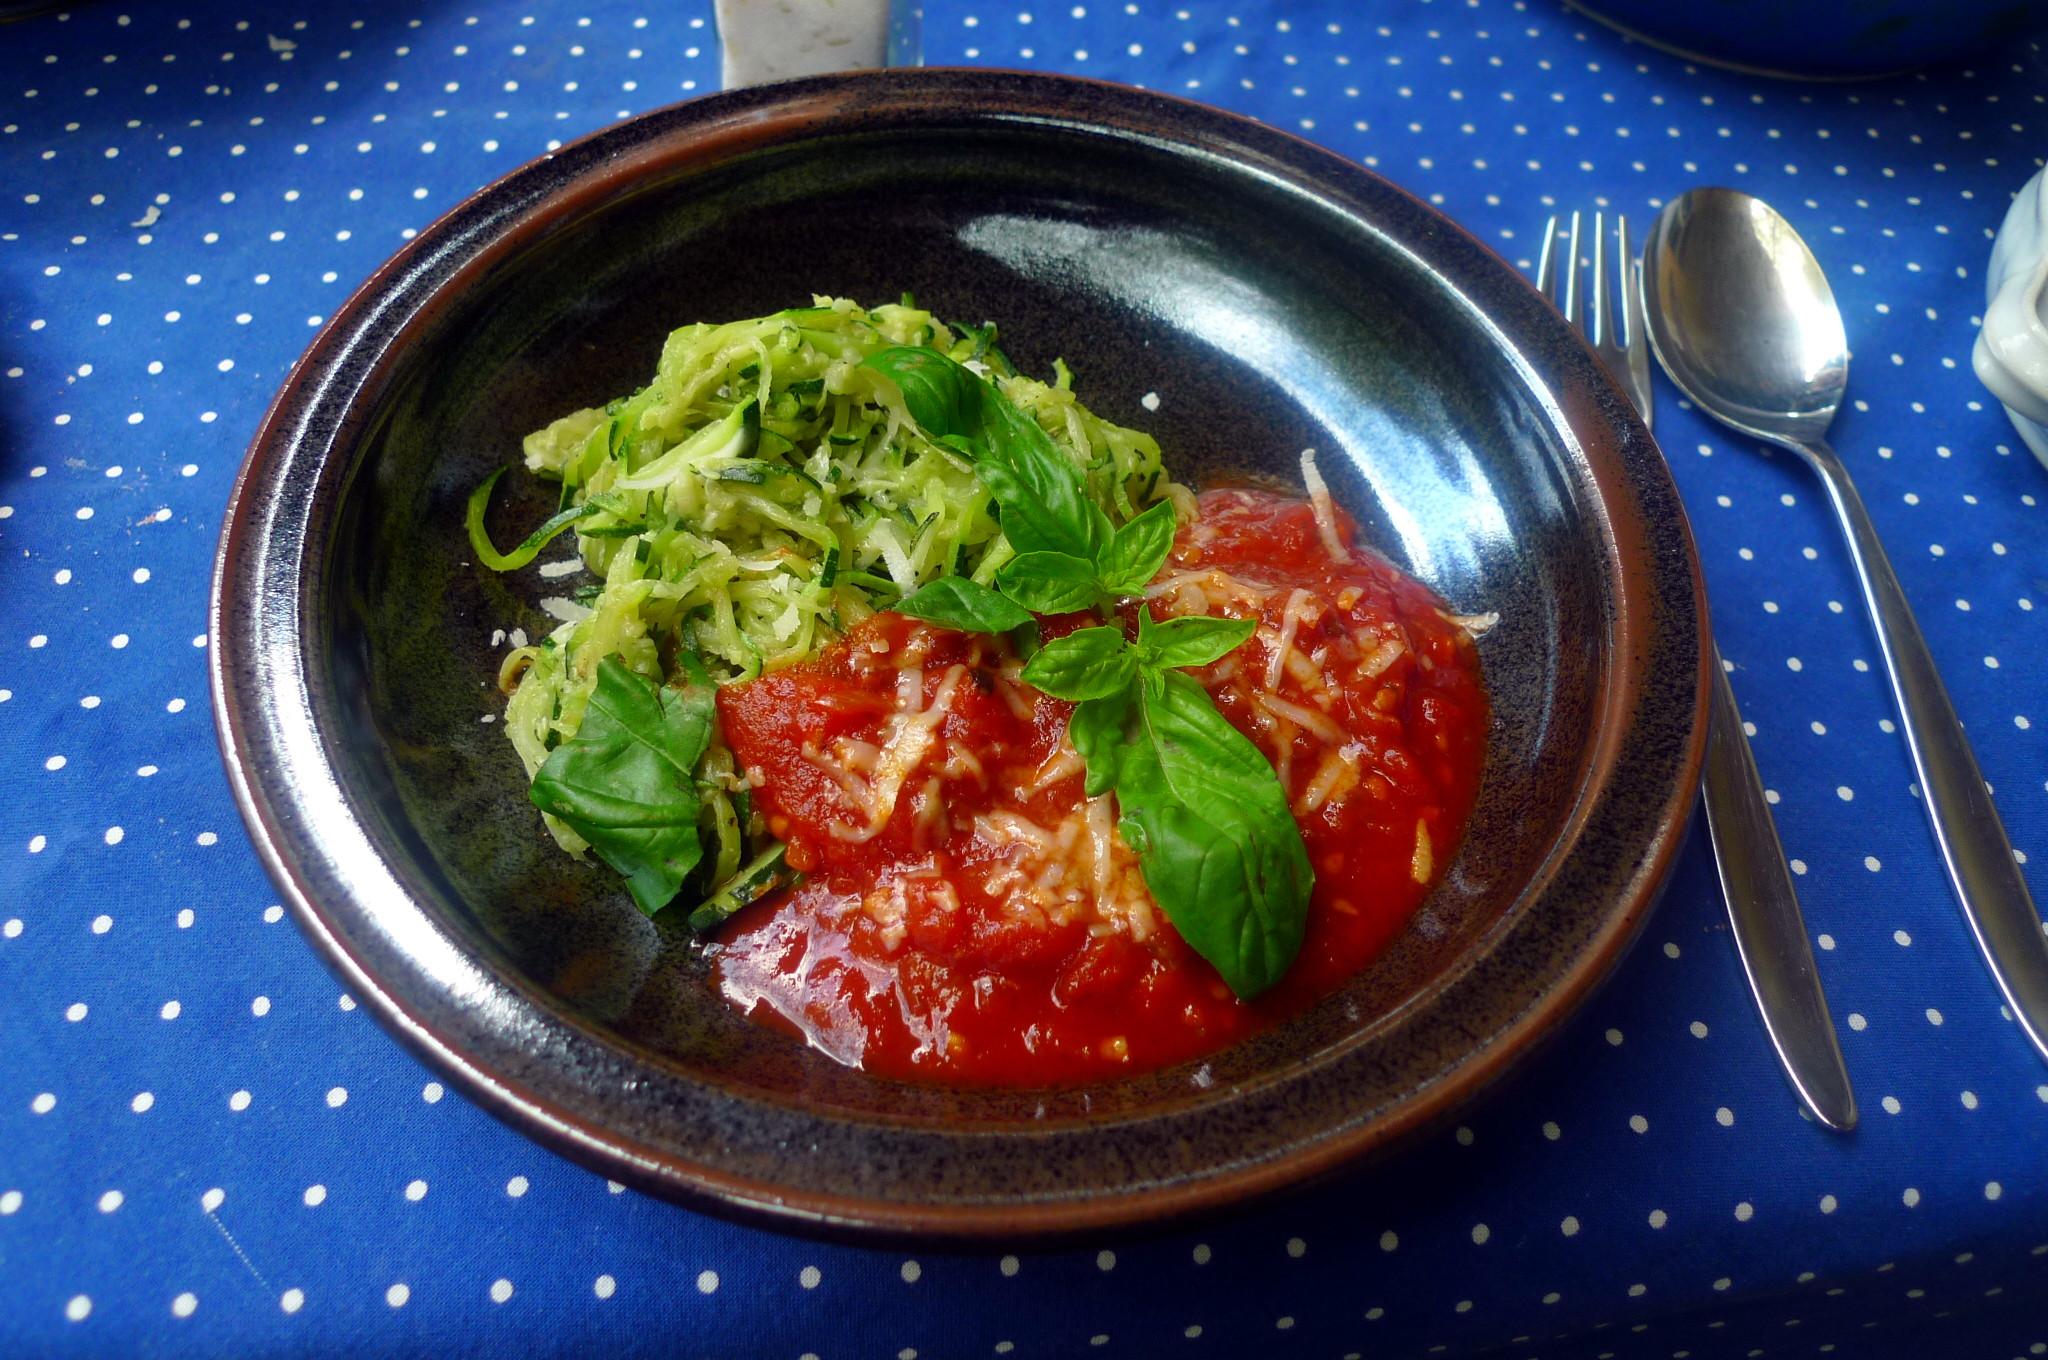 Zucchinispagetthi,Tomatensauce,veganvegetarisch -15.8.15 (15)